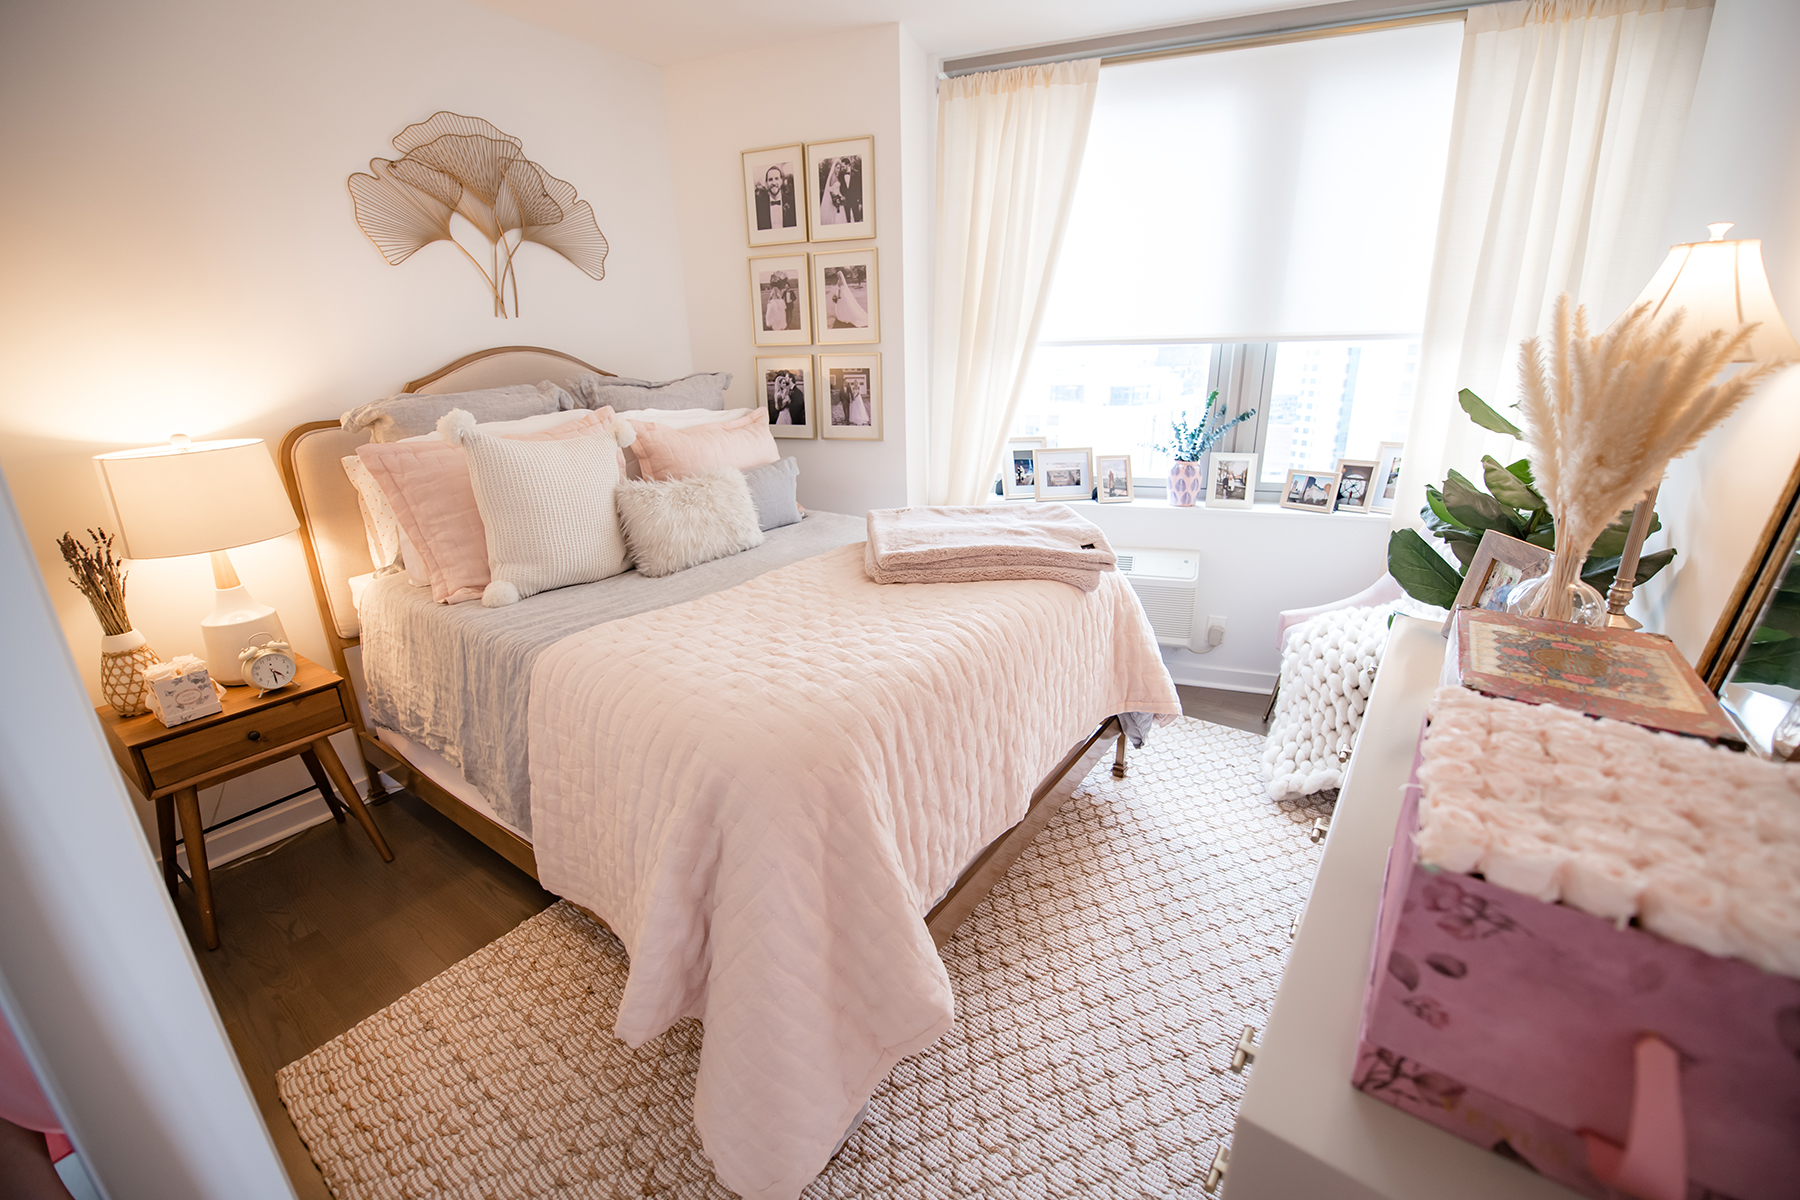 Katies Bliss Bedroom Tour